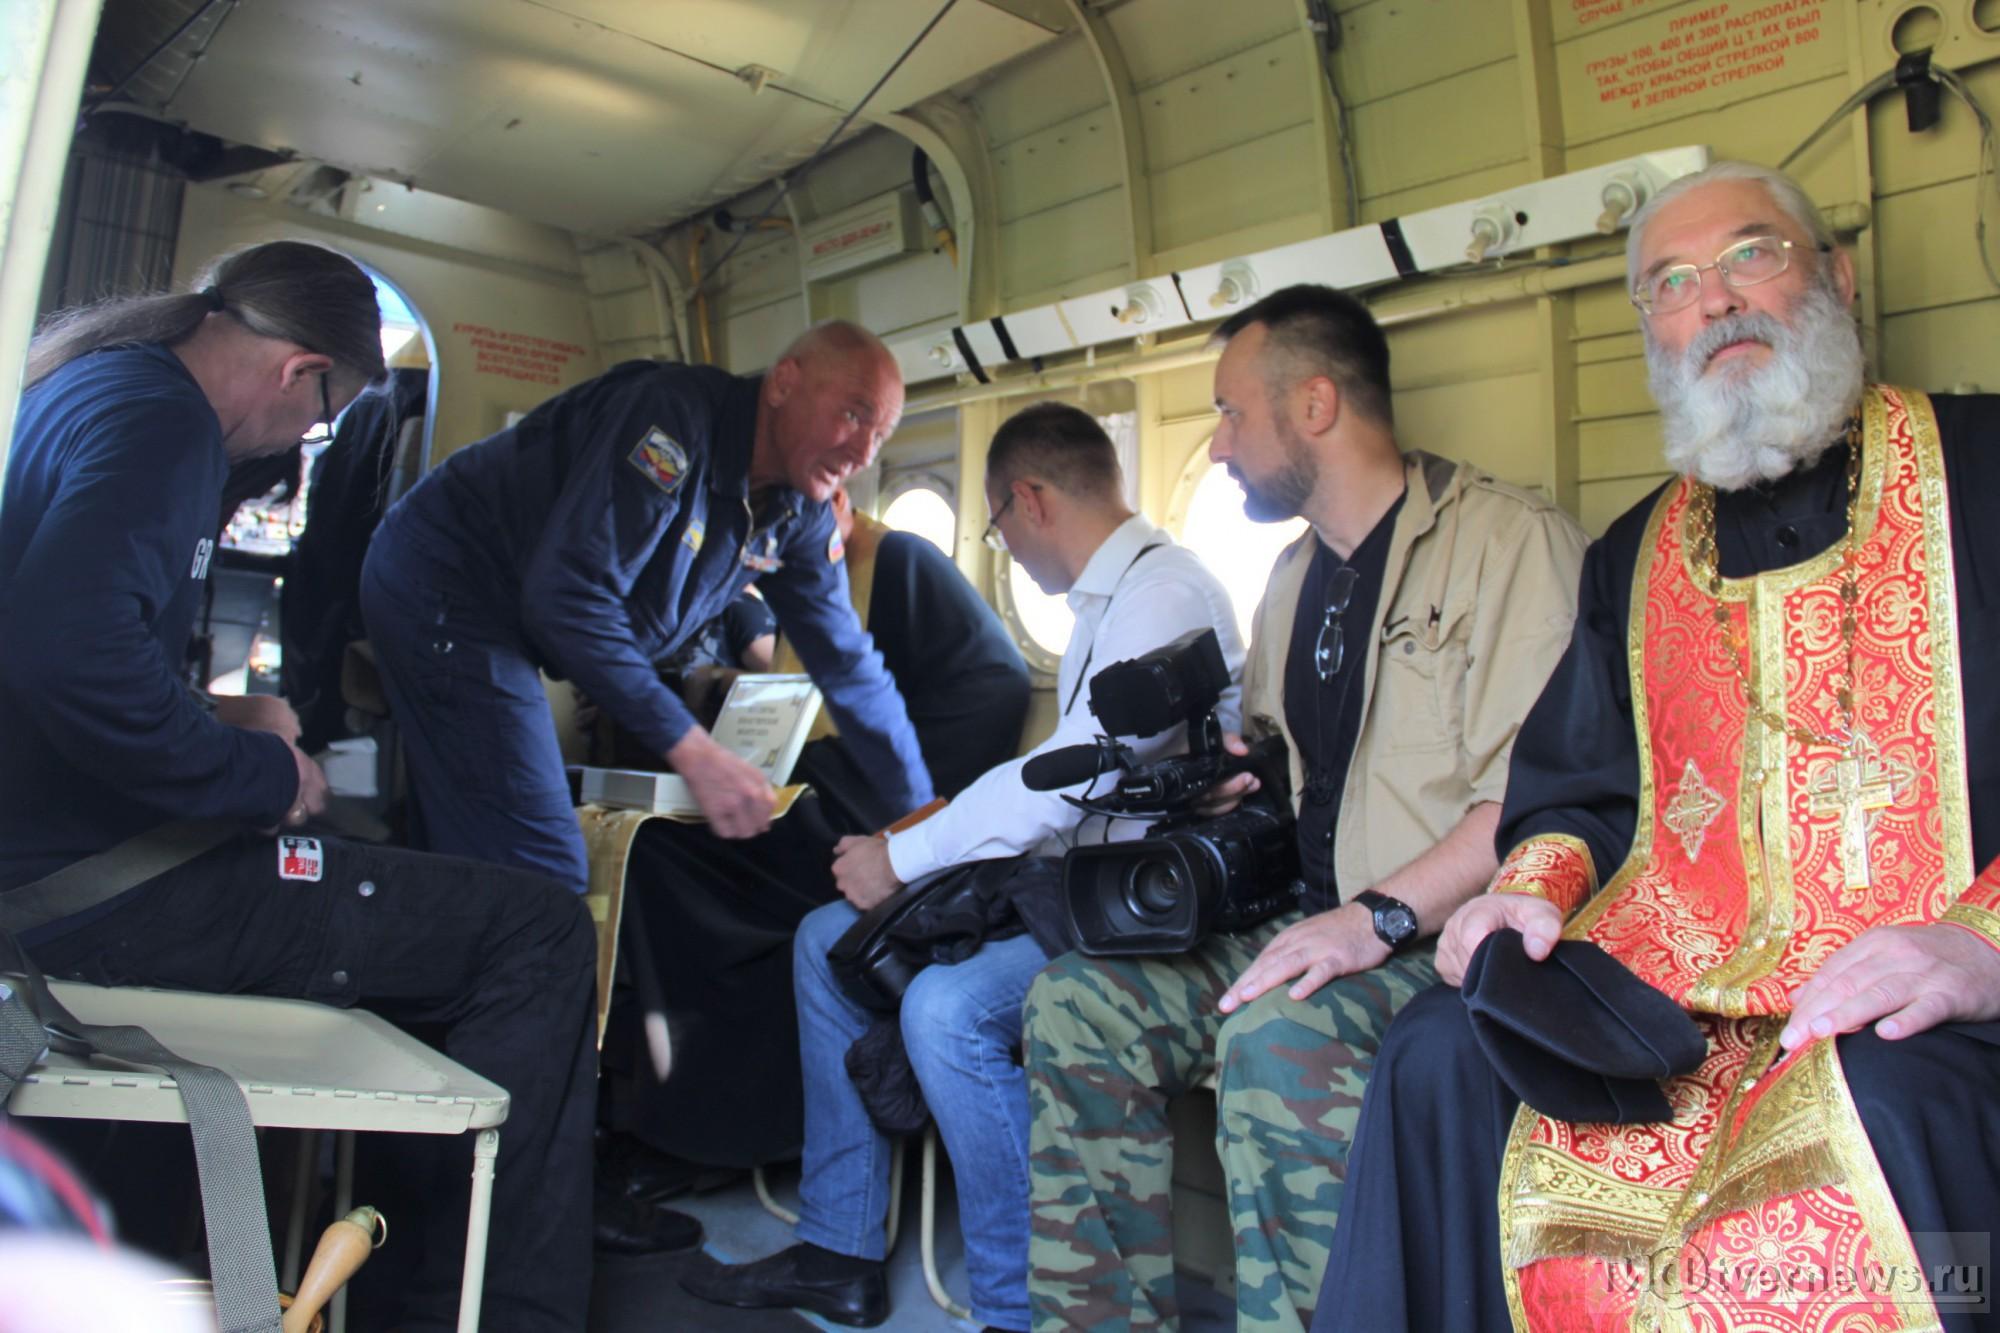 (foto, video) Un oraș din Rusia a fost sfințit din avion cu 70 de litri de agheasmă împotriva beției și desfrânării